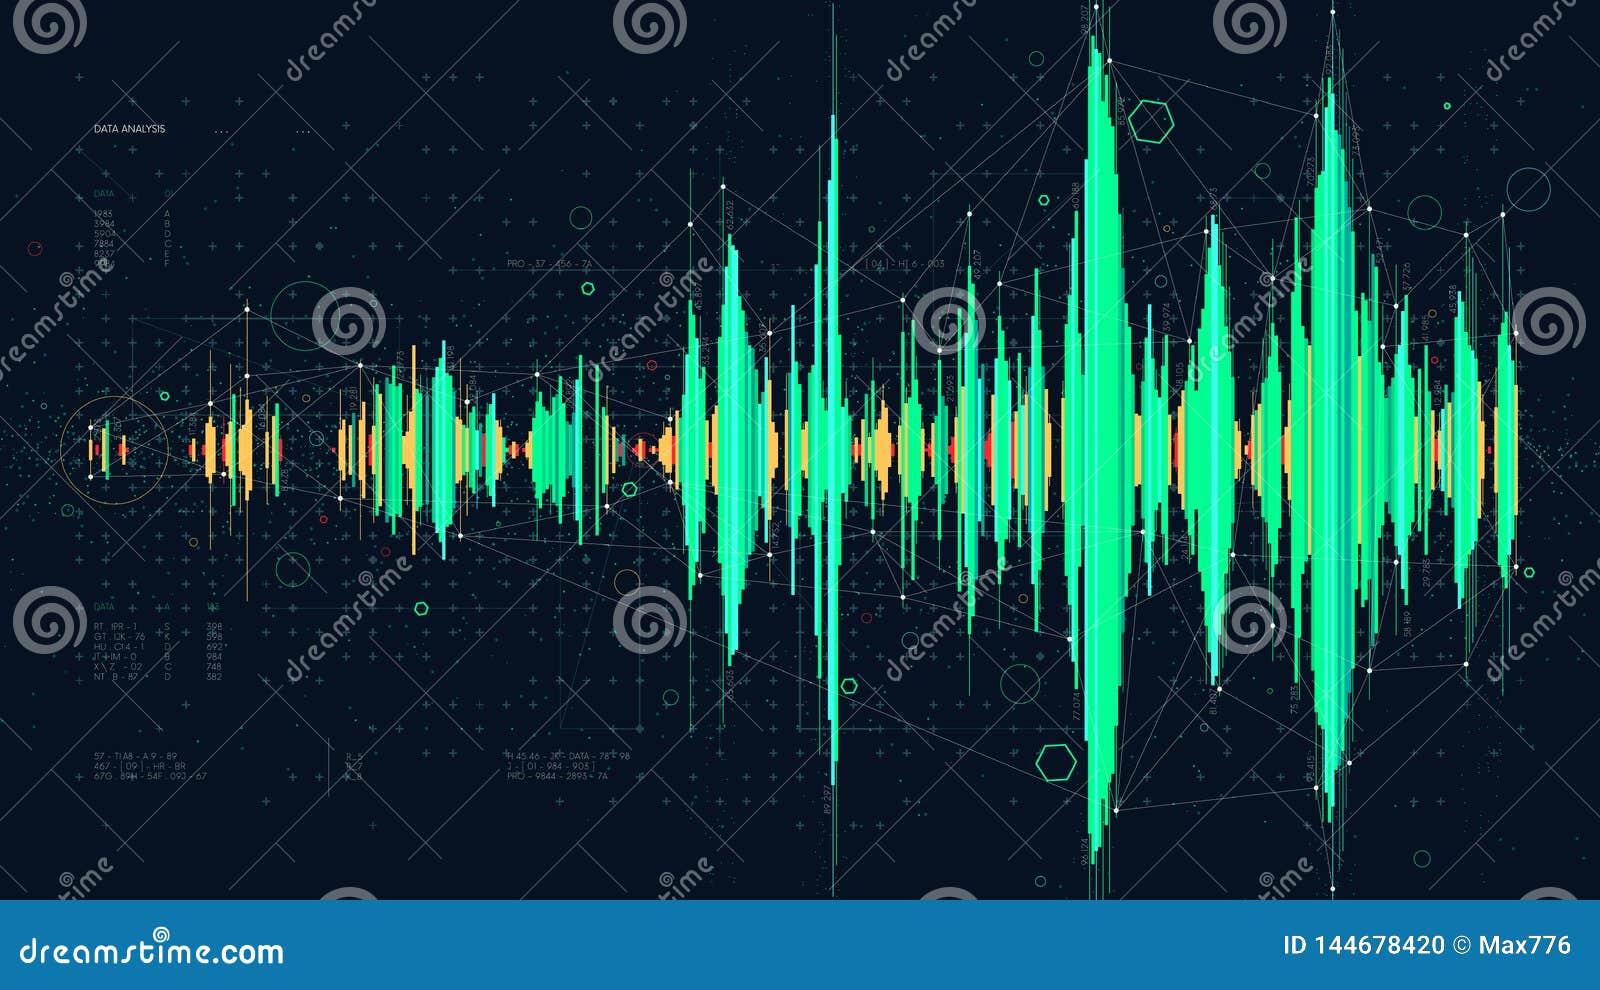 Concepto de alta tecnología del diagrama de la onda de la frecuencia de la tecnología digital, hud futurista que visualiza dato